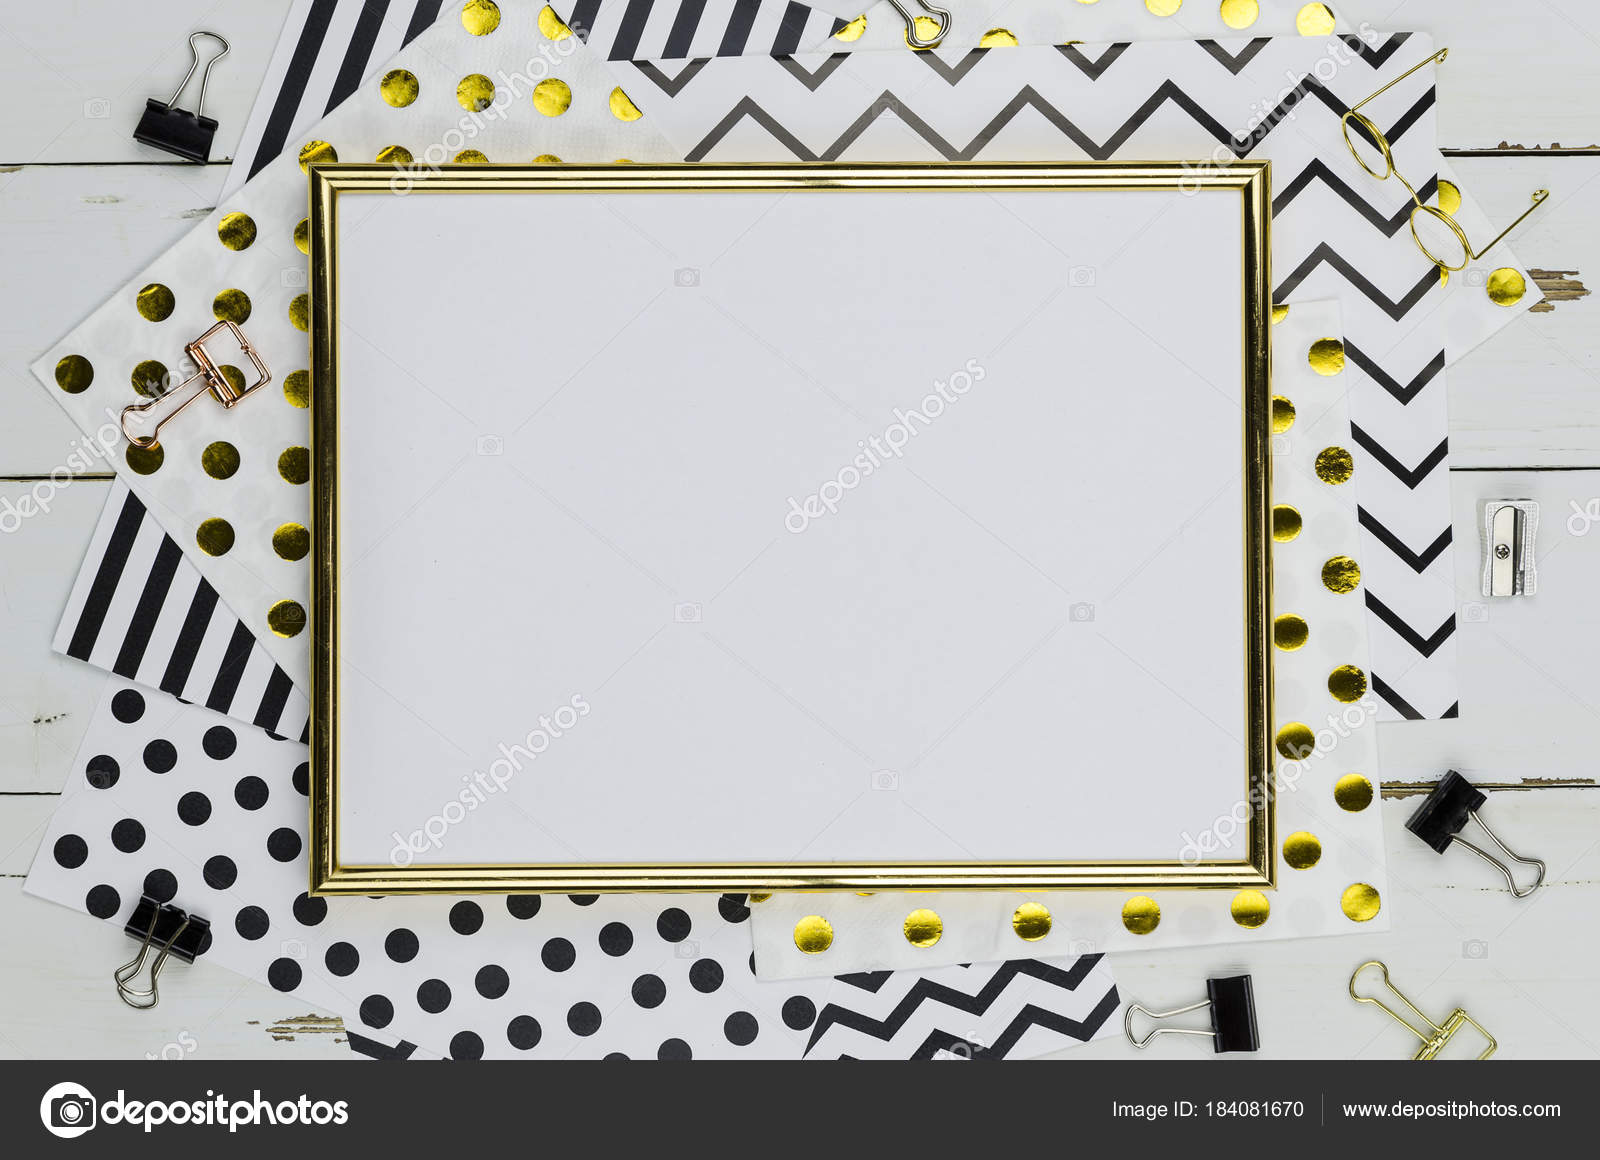 Plano pone maqueta con marco dorado y oficina de suministros sobre ...